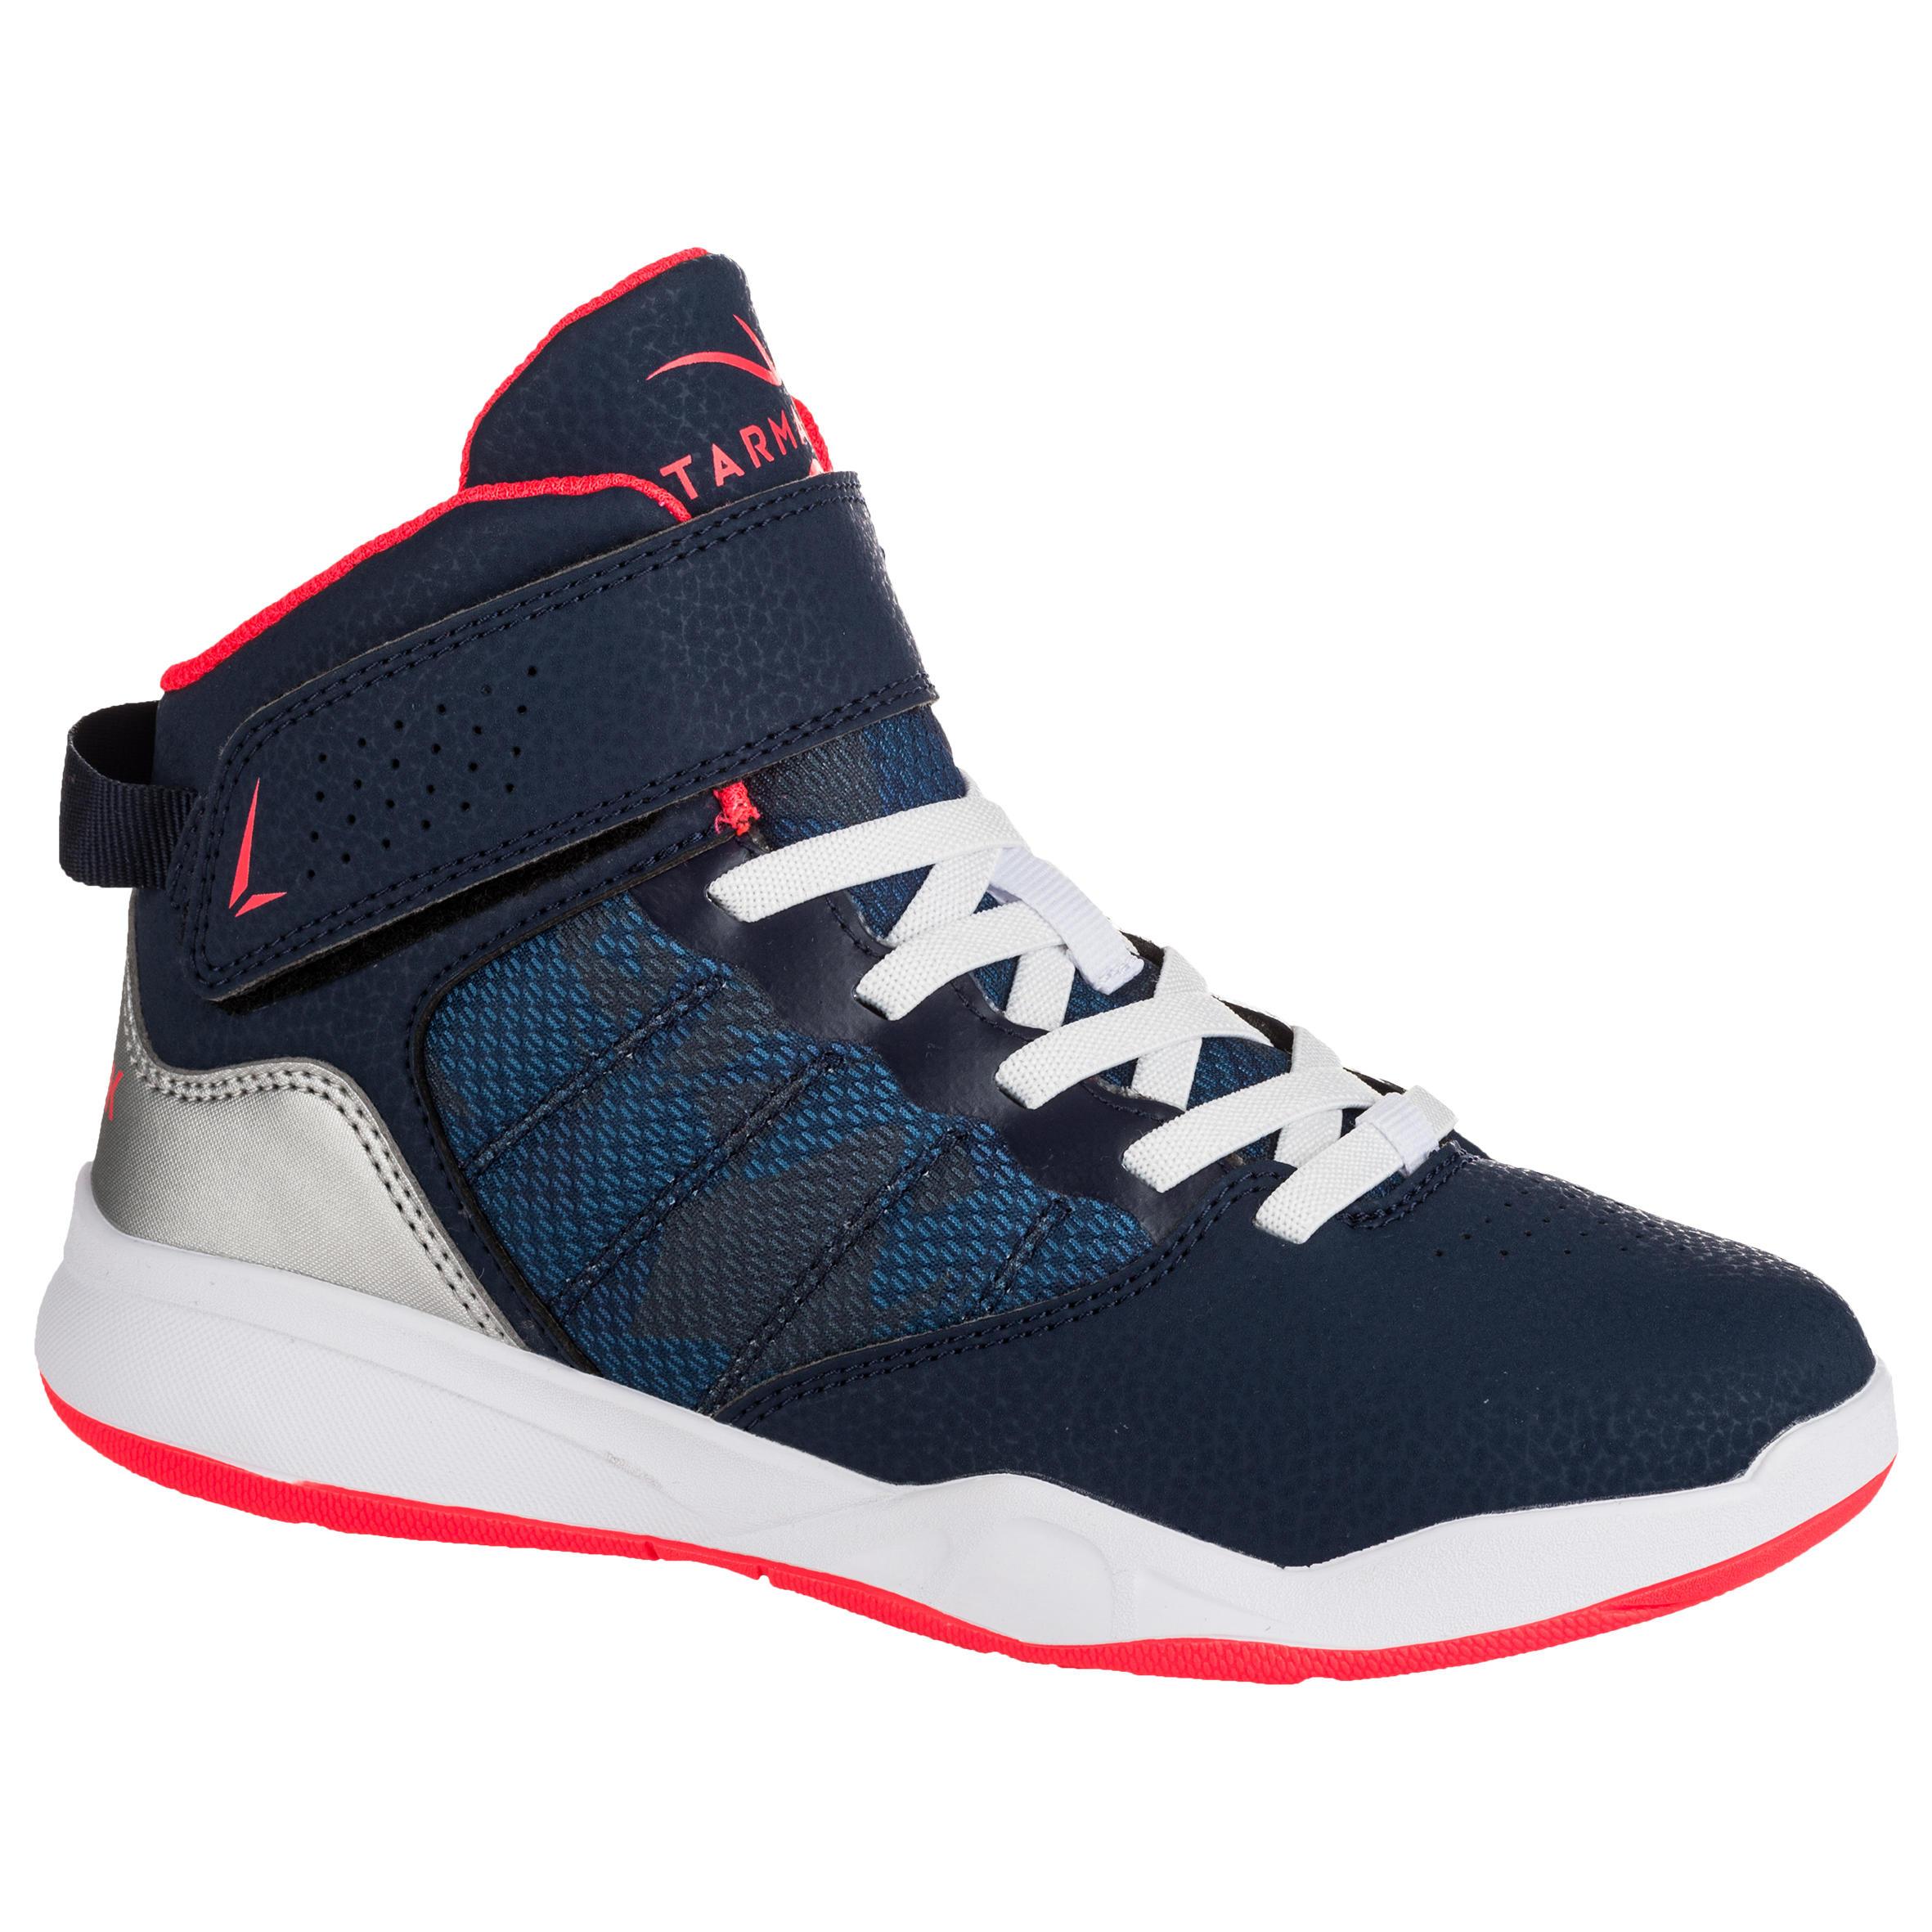 Tarmak Basketbalschoenen SE100 Easy voor beginnende jongens/meisjes